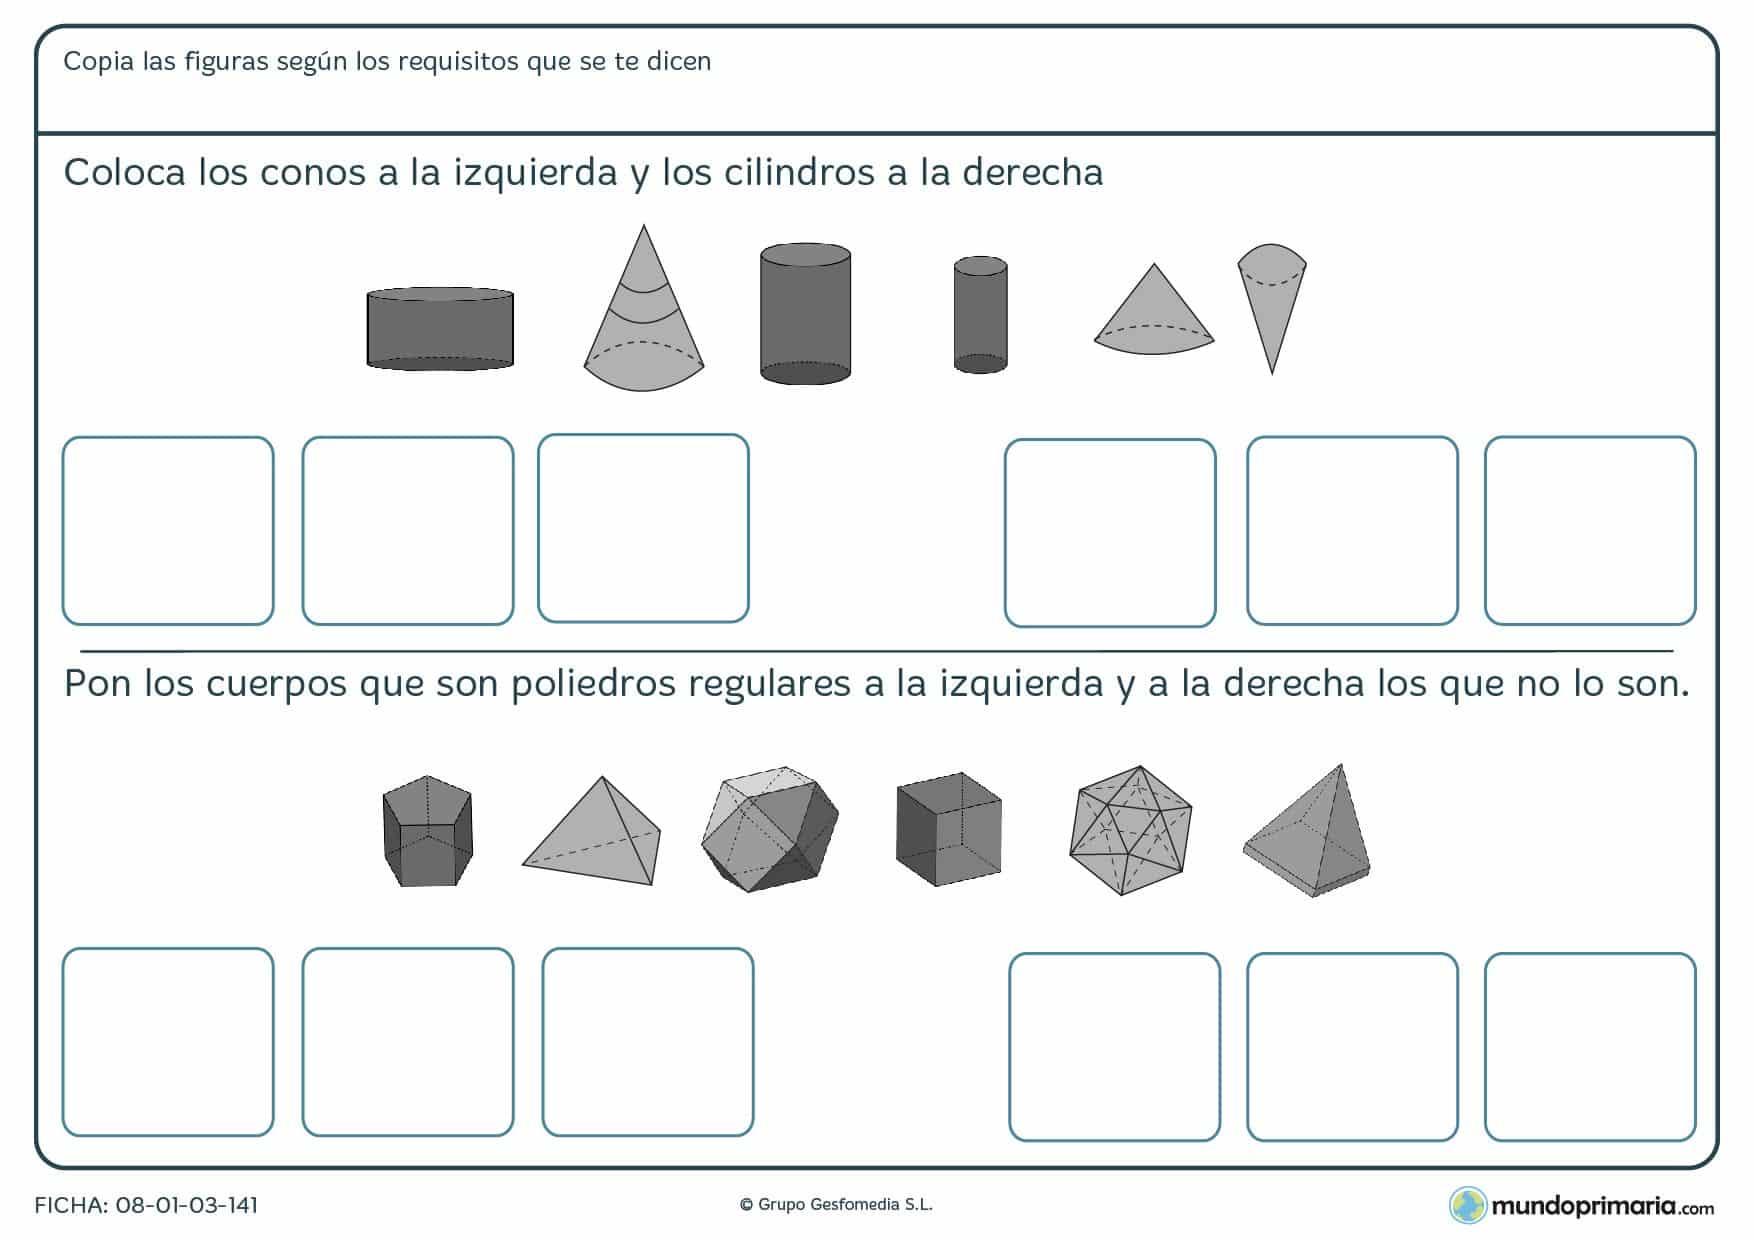 Ficha de colocar conos aun lado y cilindros al otro, al igual que poliedros regulares y que no lo son.